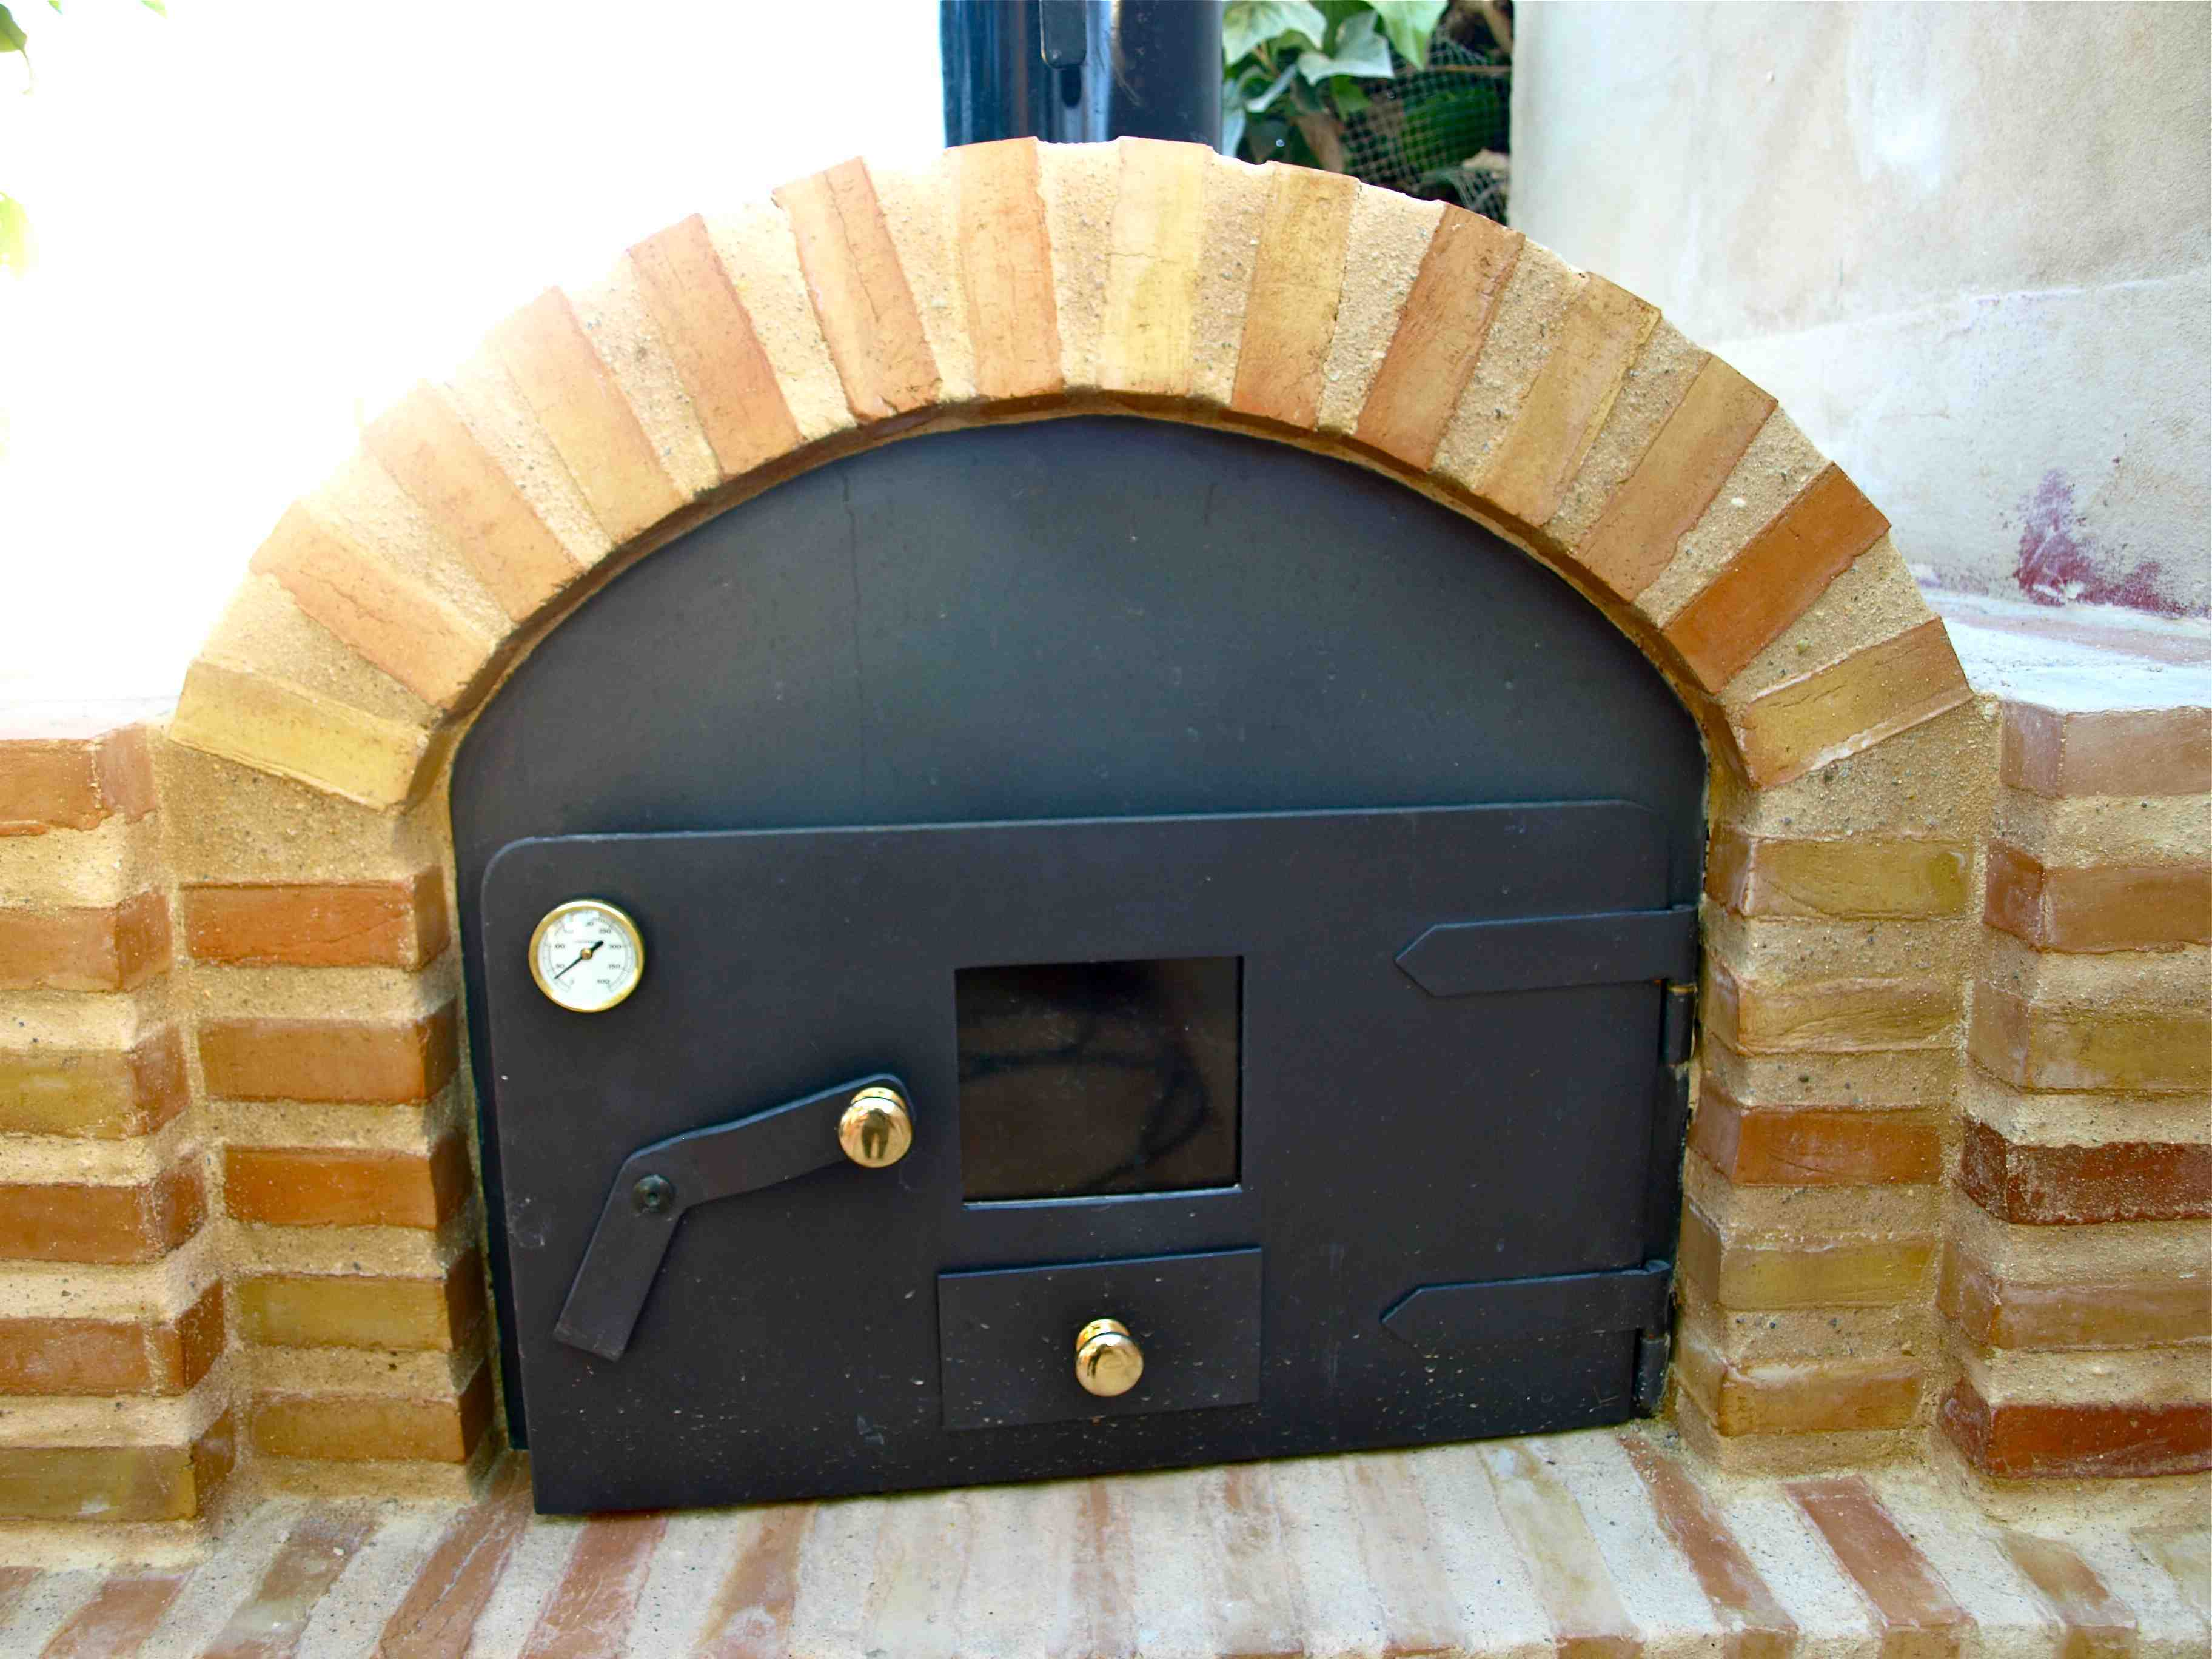 Horno moruno tradicional instalado en una vivienda - Horno de ladrillo ...